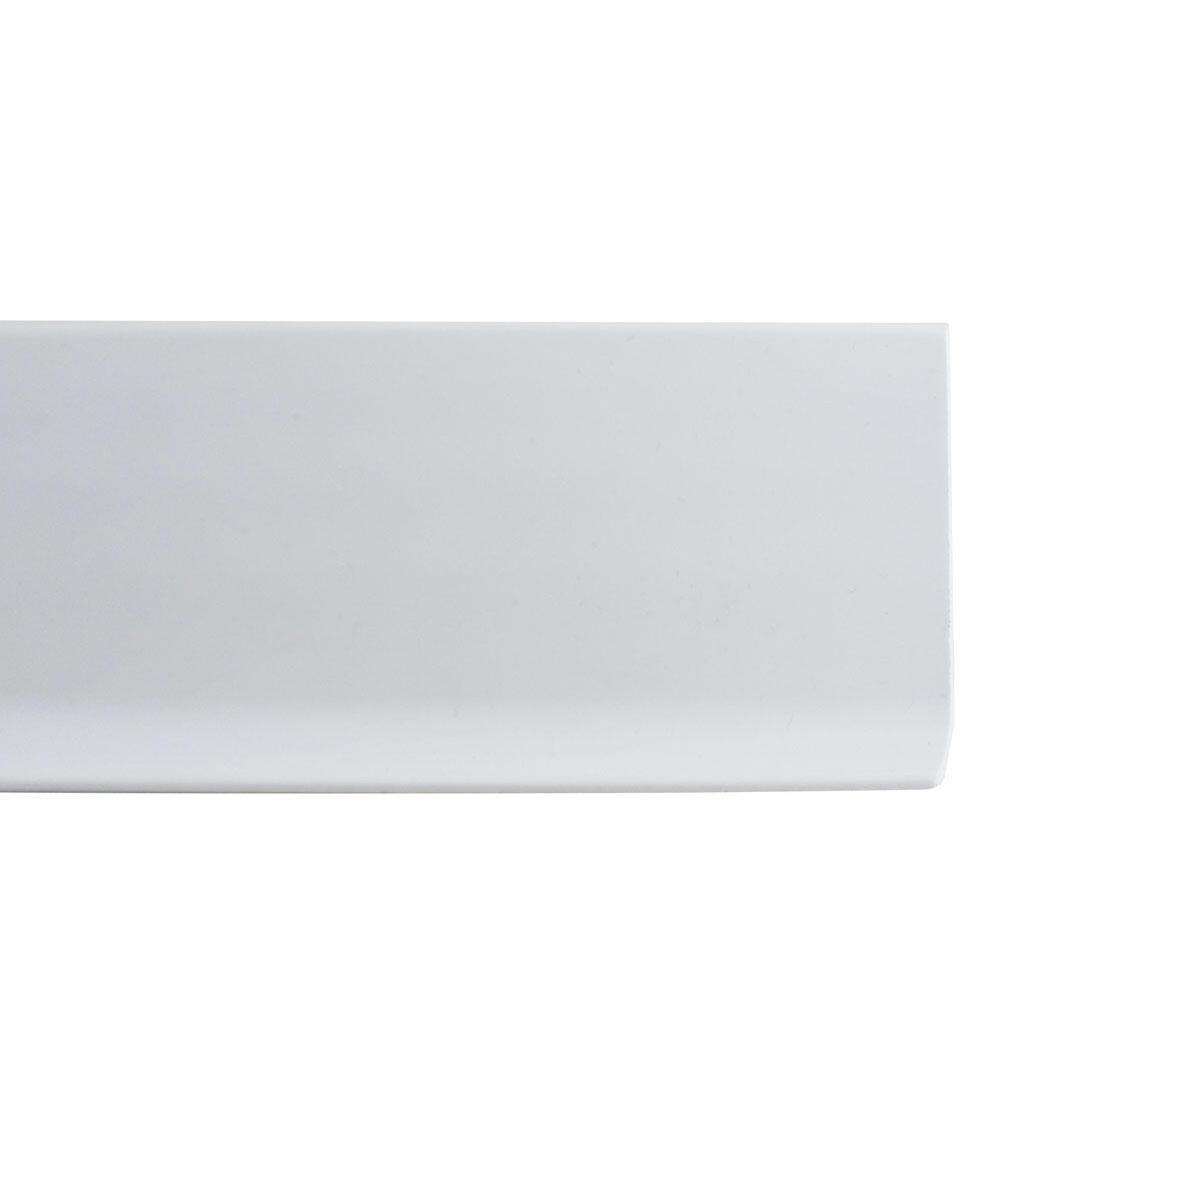 Battiscopa H 8 cm x L 2 m bianco